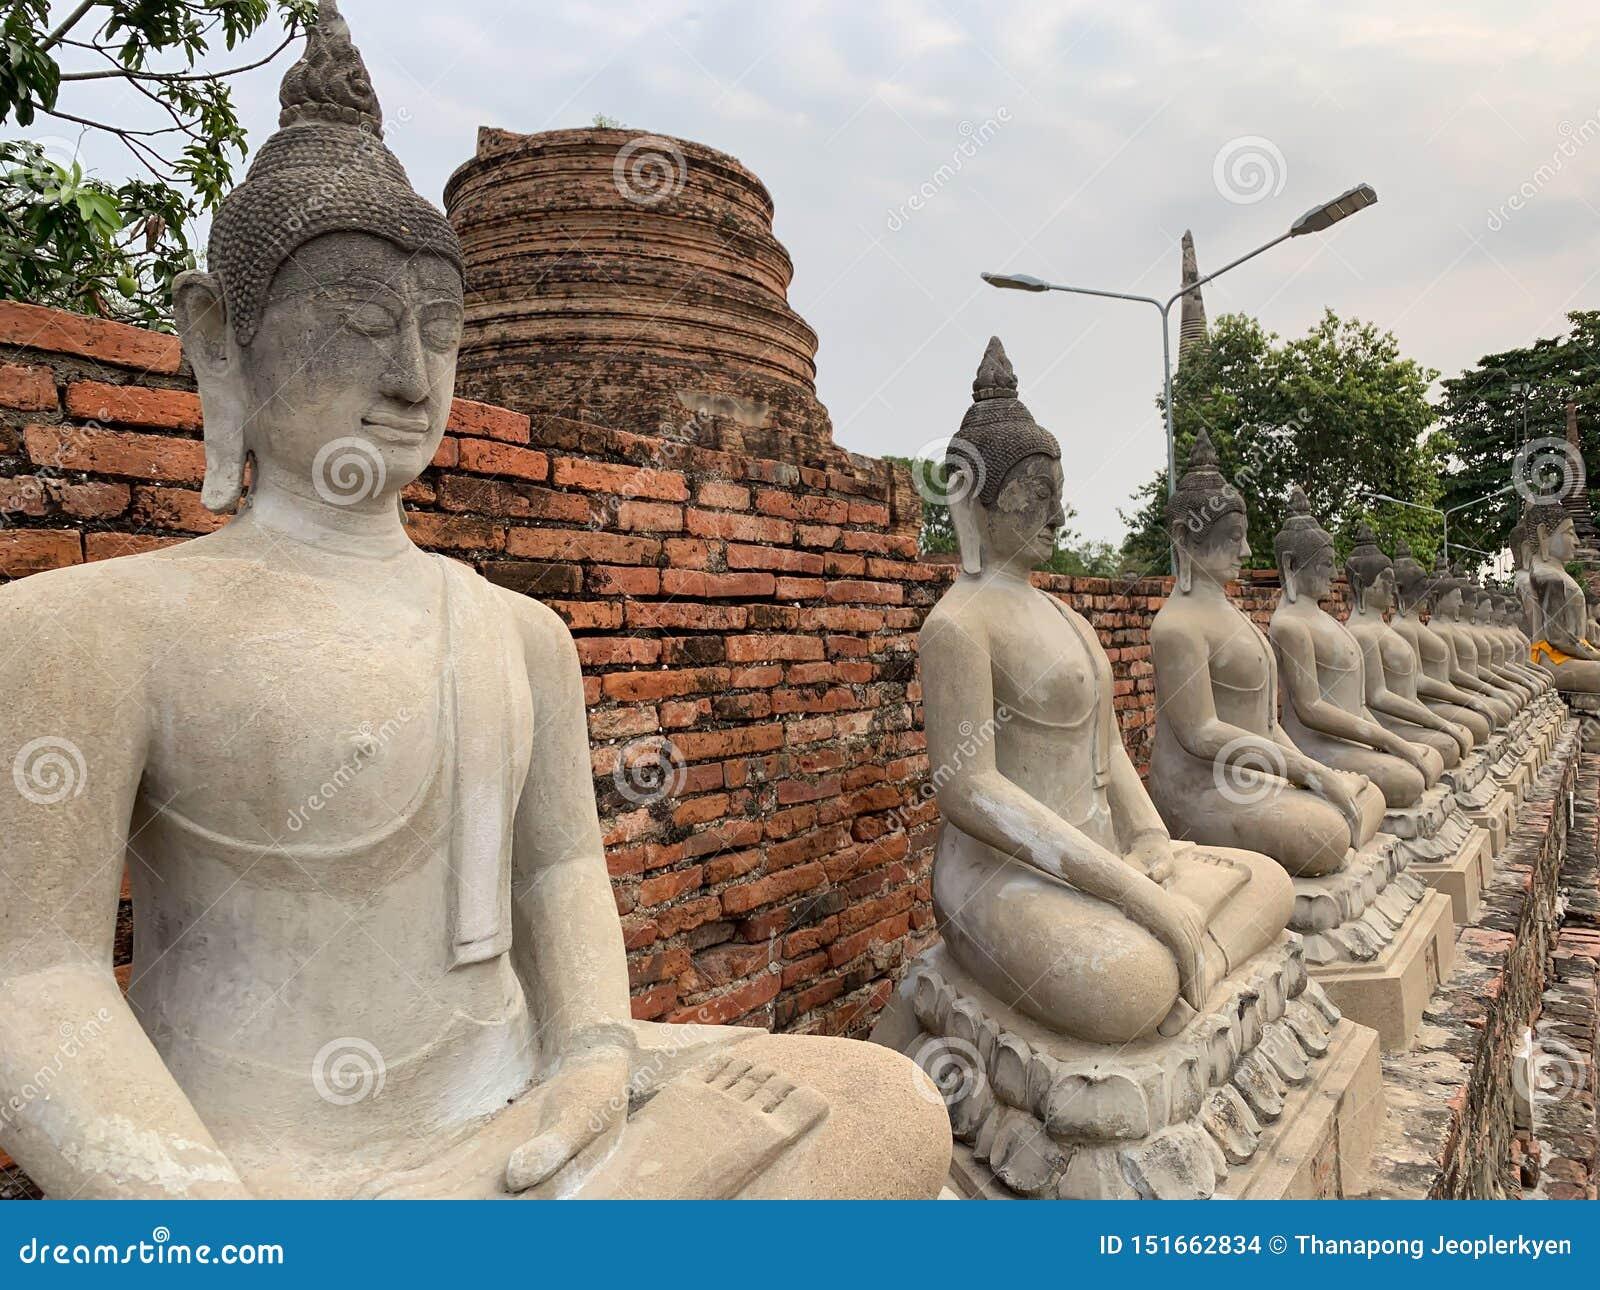 Image of Buddha background